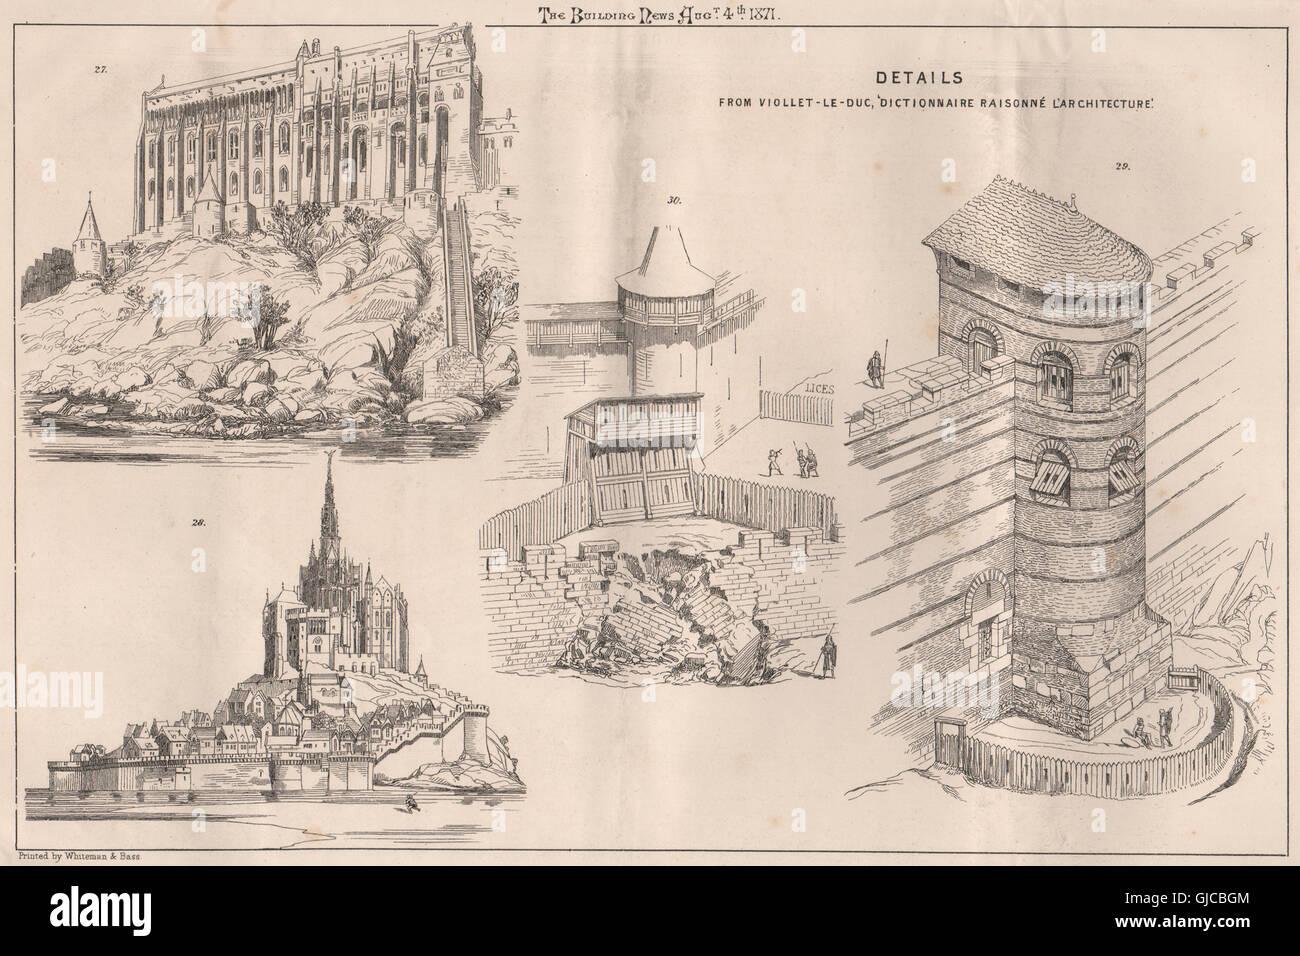 Details from viollet le duc 39 dictionnaire raisonn l for Architecture dictionnaire